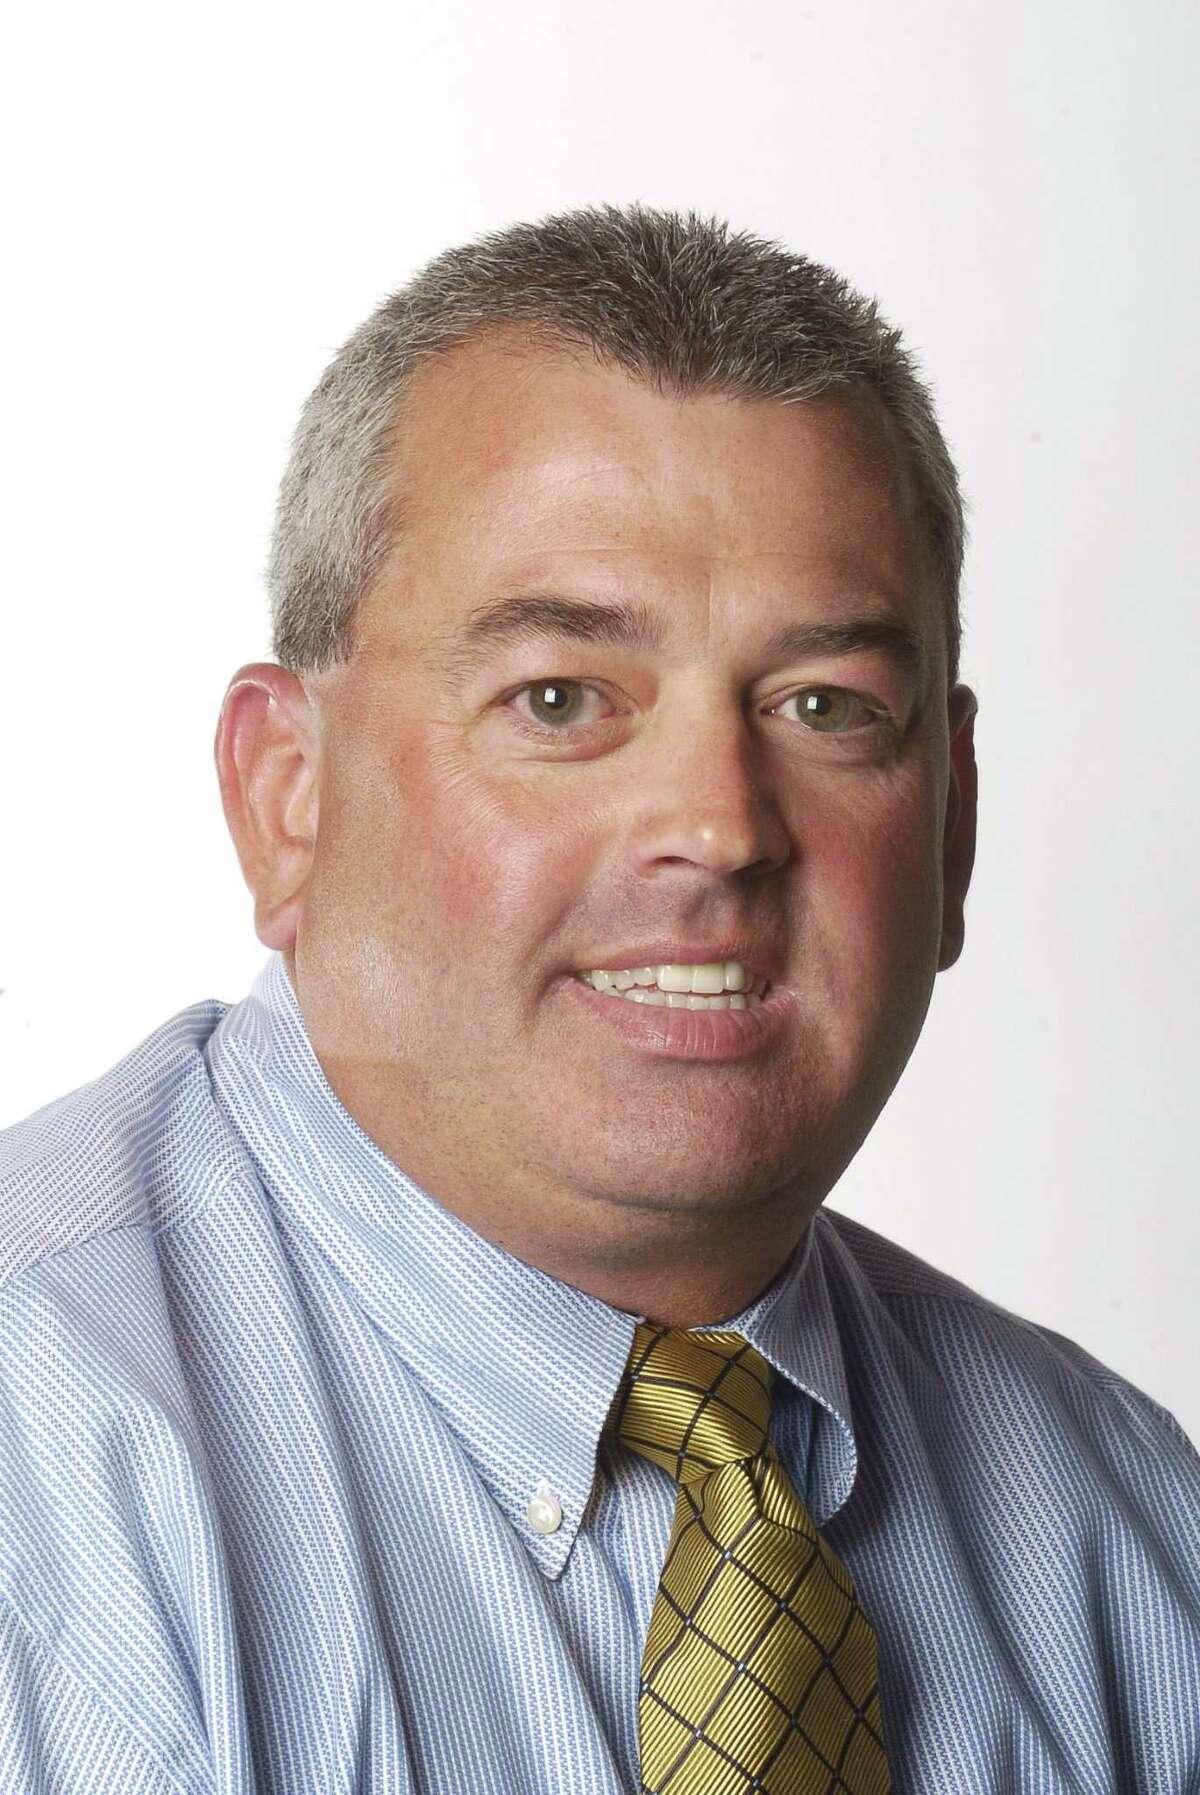 Rich Lyons (Democrat) Stamford Board of Education. on Thursday October 14, 2010 democrat